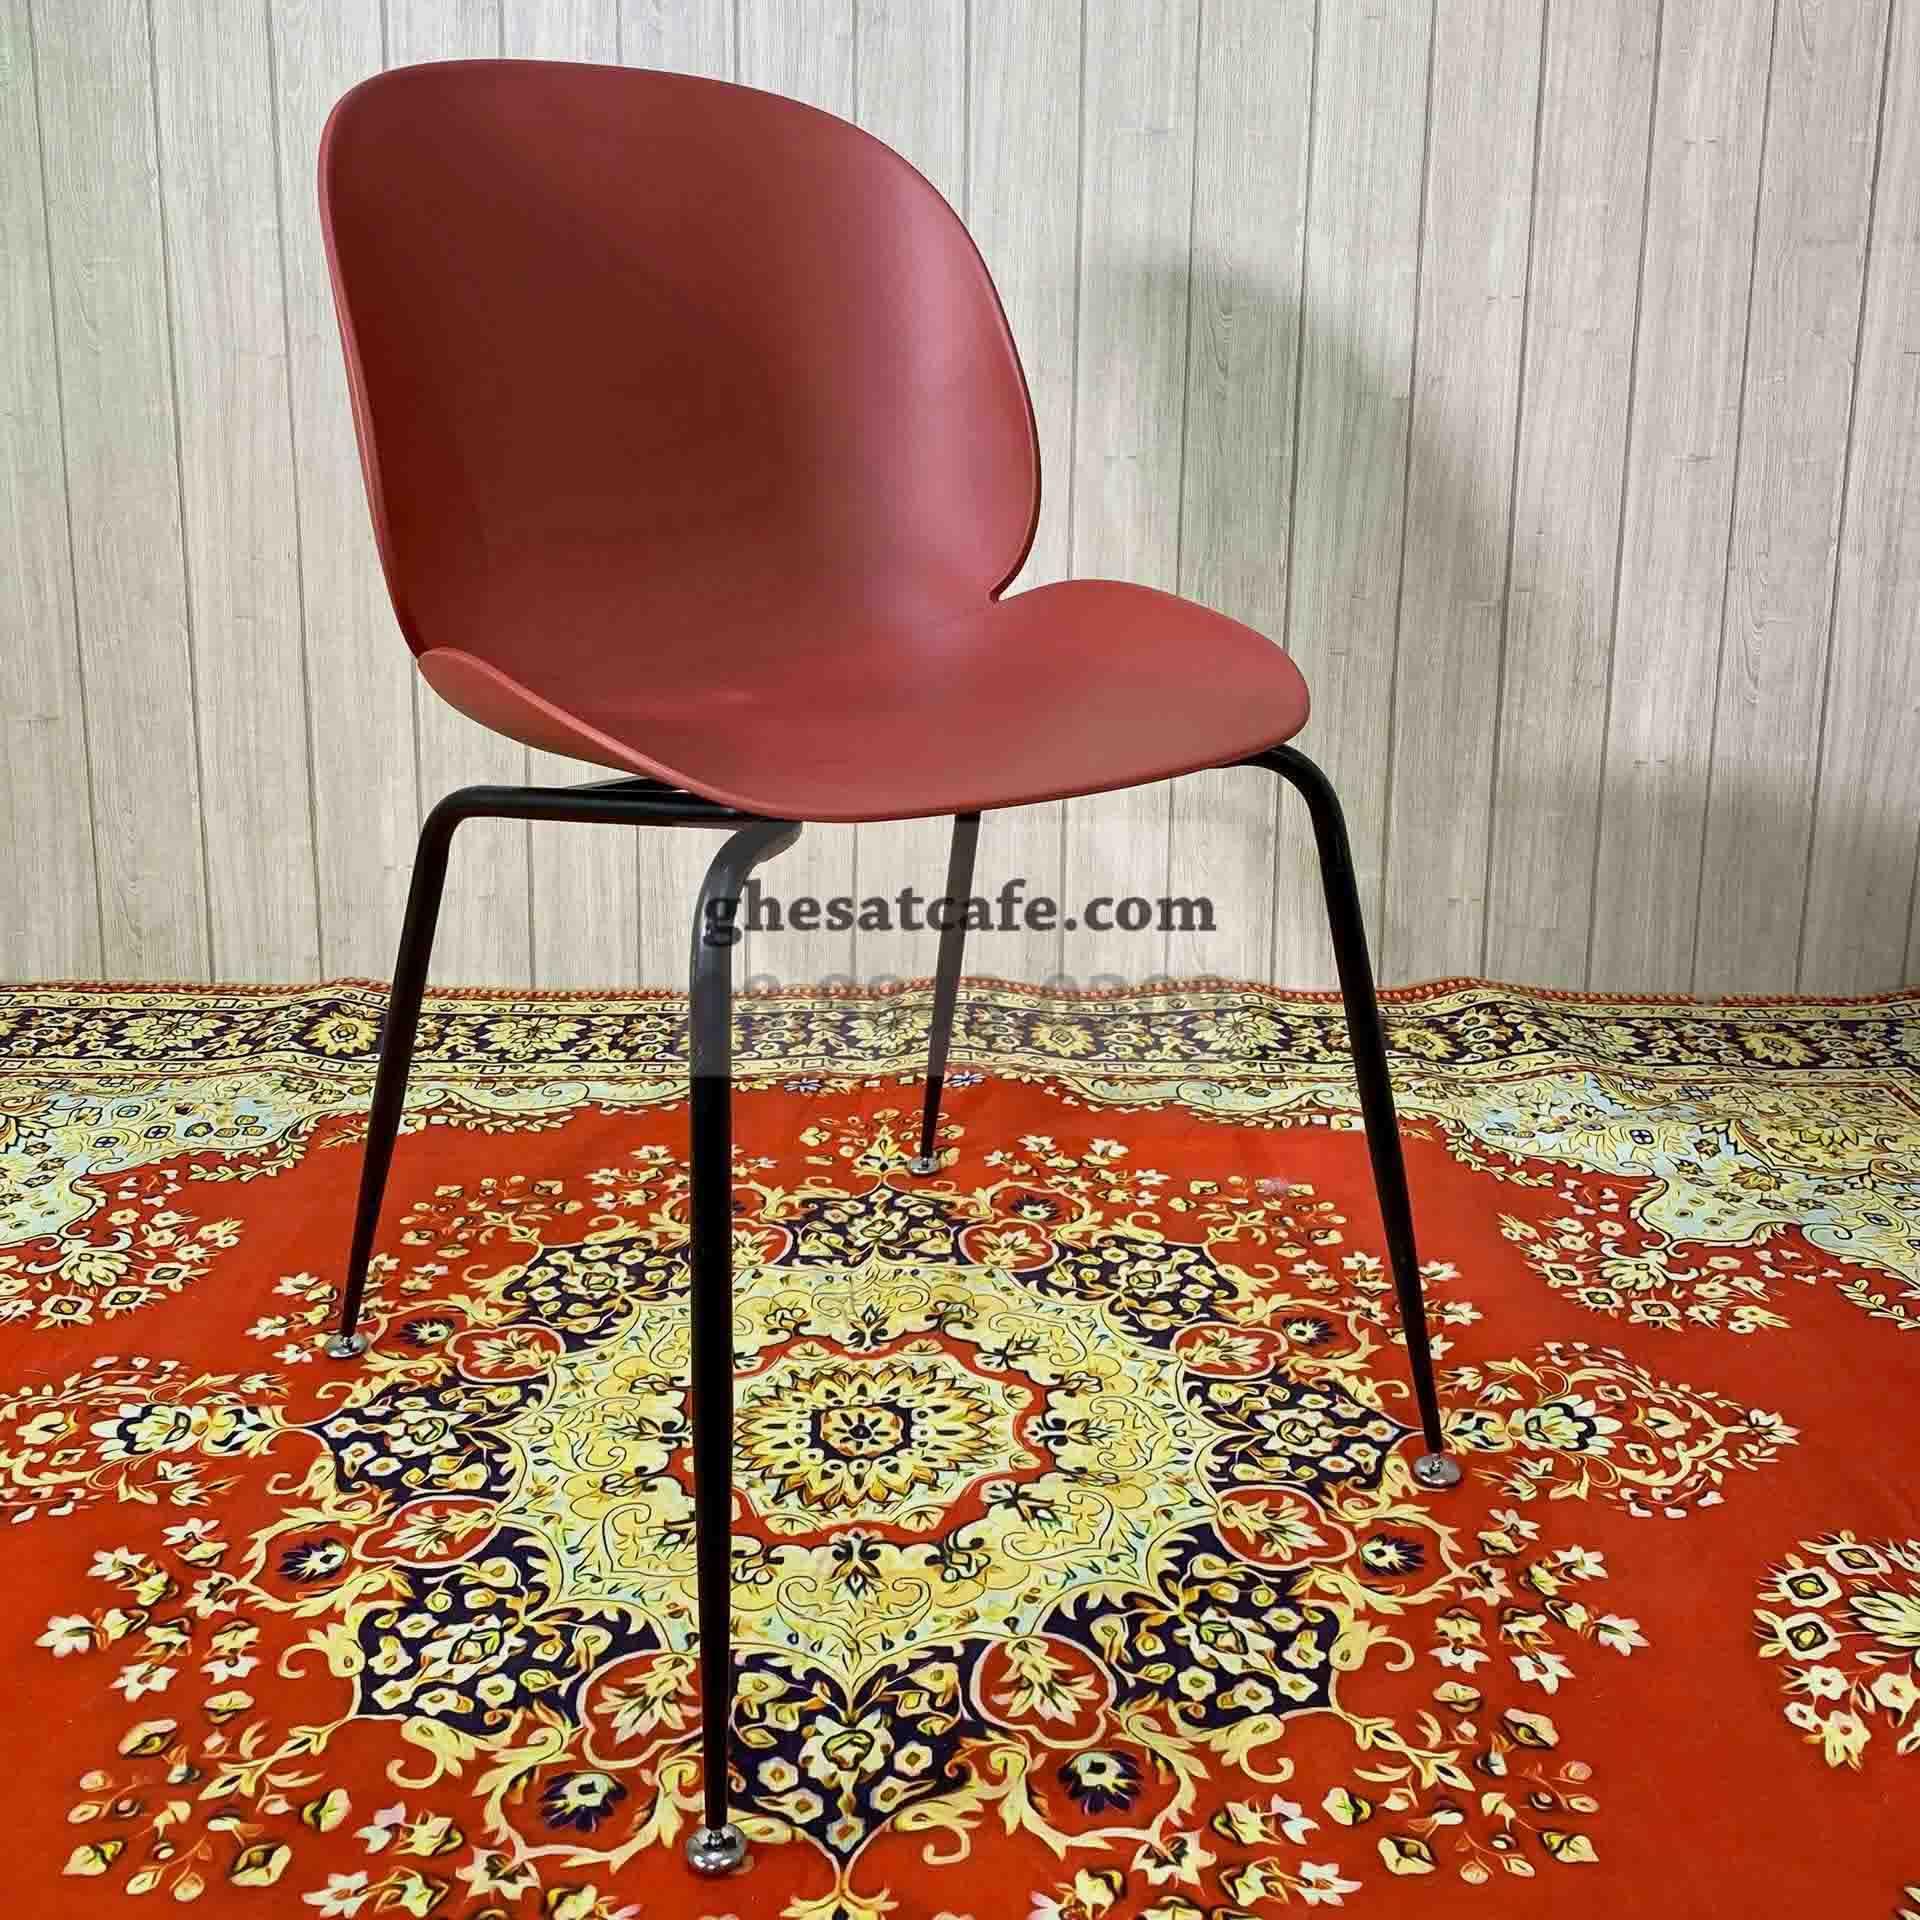 Các mẫu ghế Beetle thân nhựa đẹp (8)